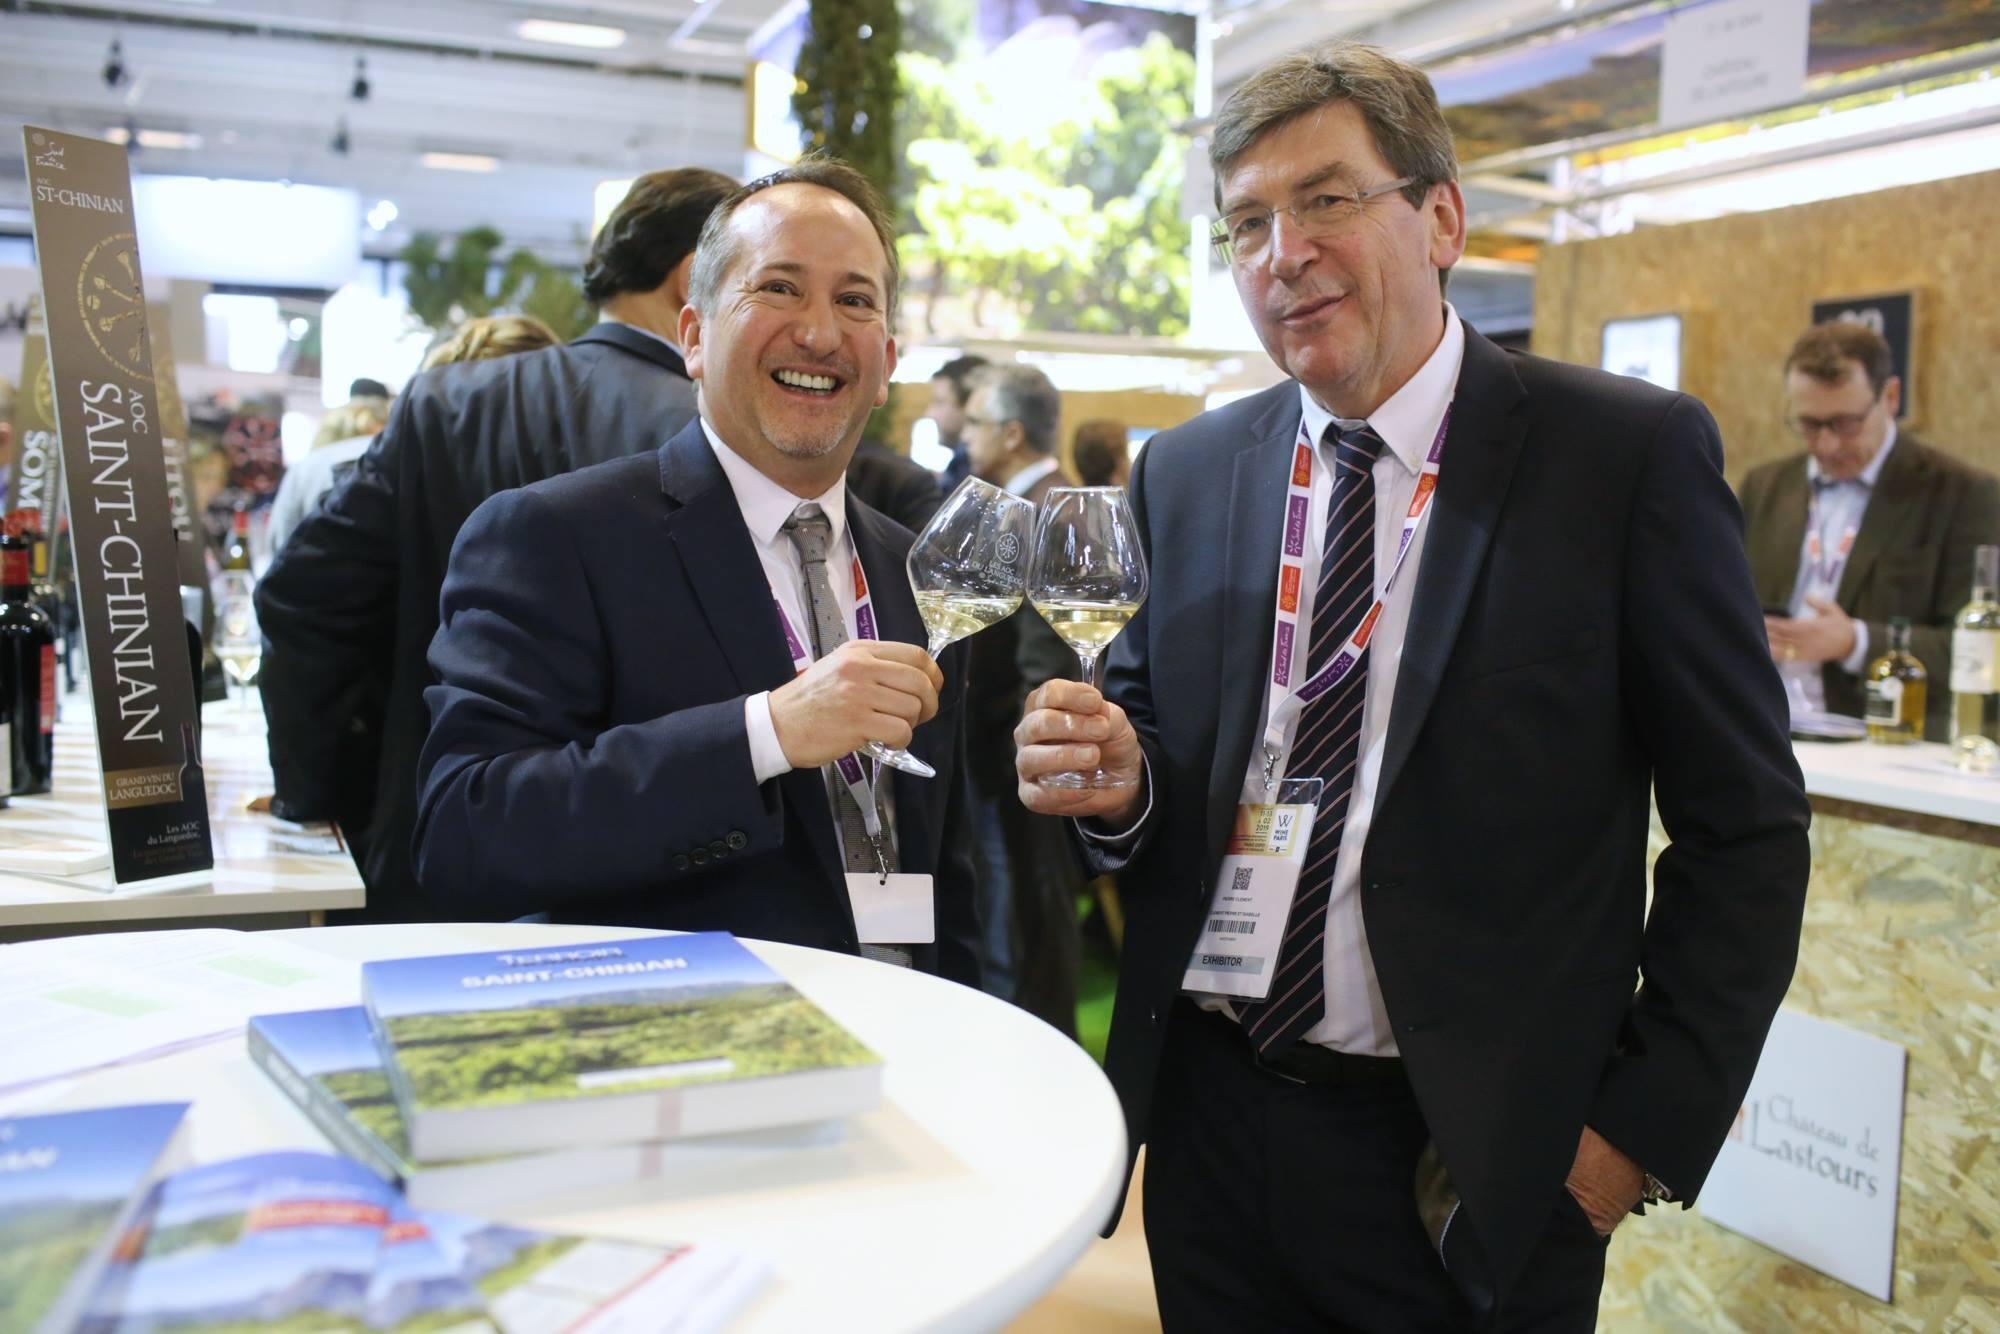 Os diretores dos salões das regiões norte e sul da França, Pierre Clément e Fabrice Rieu.